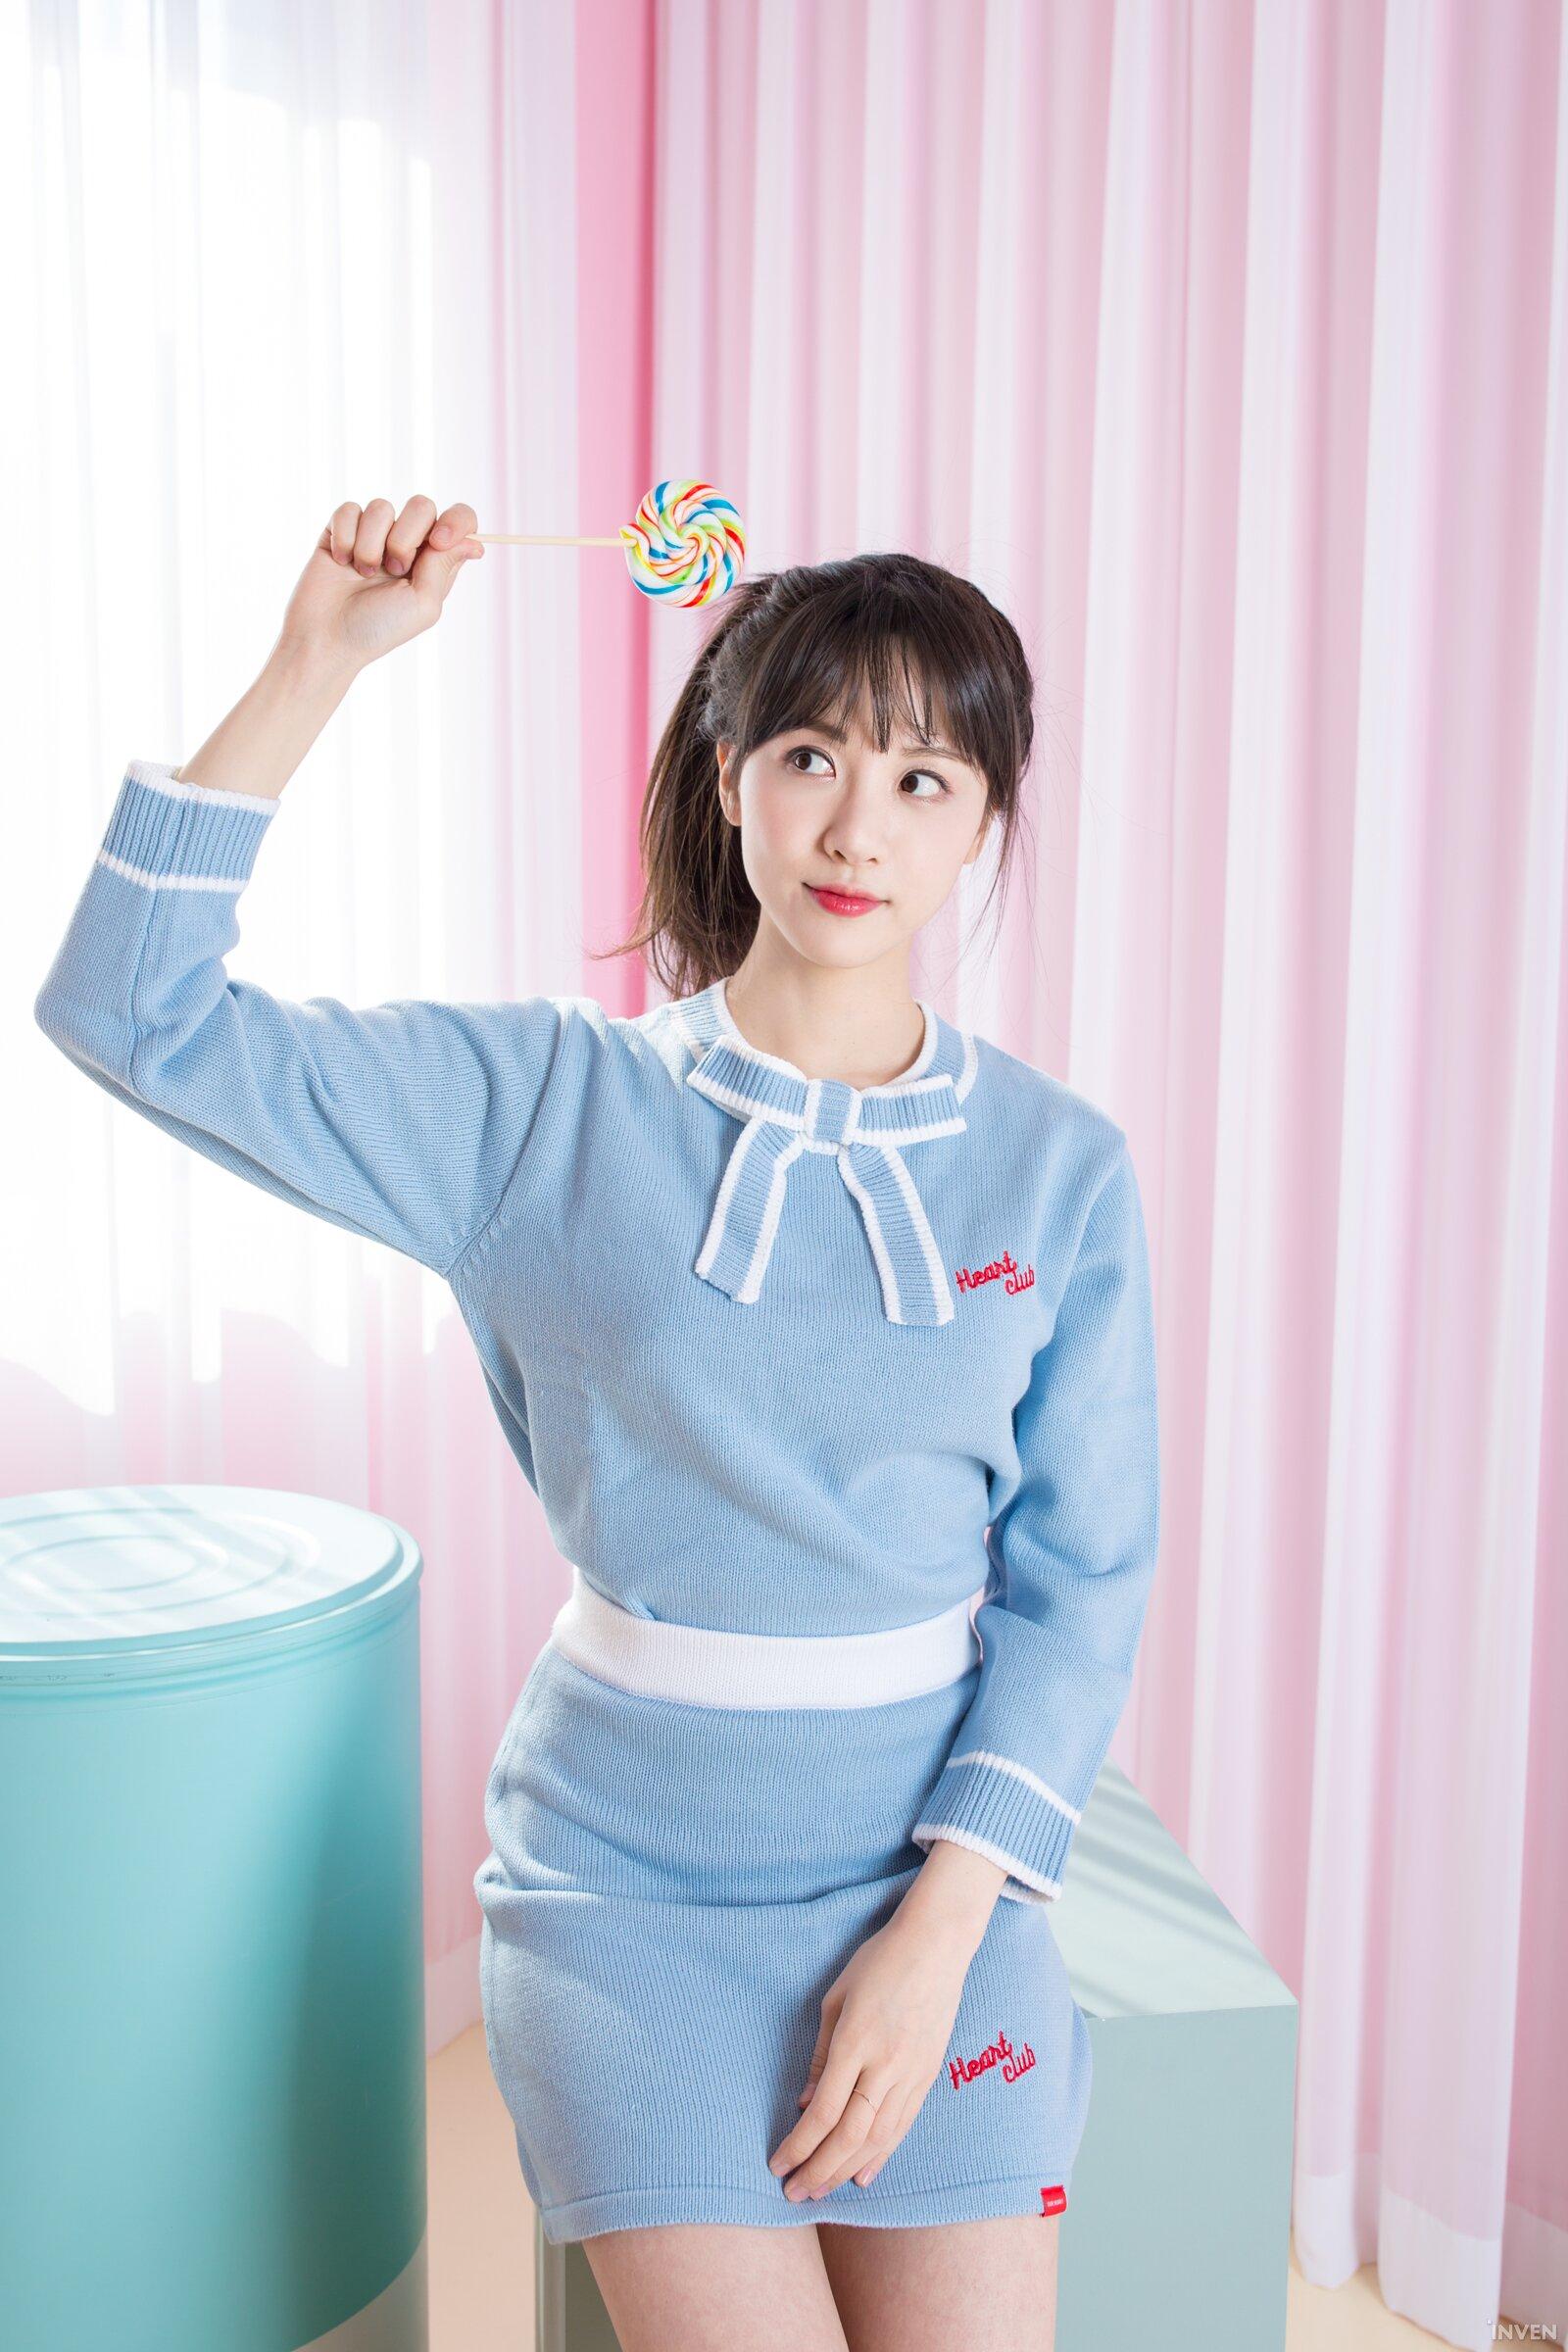 Kim Min-ah